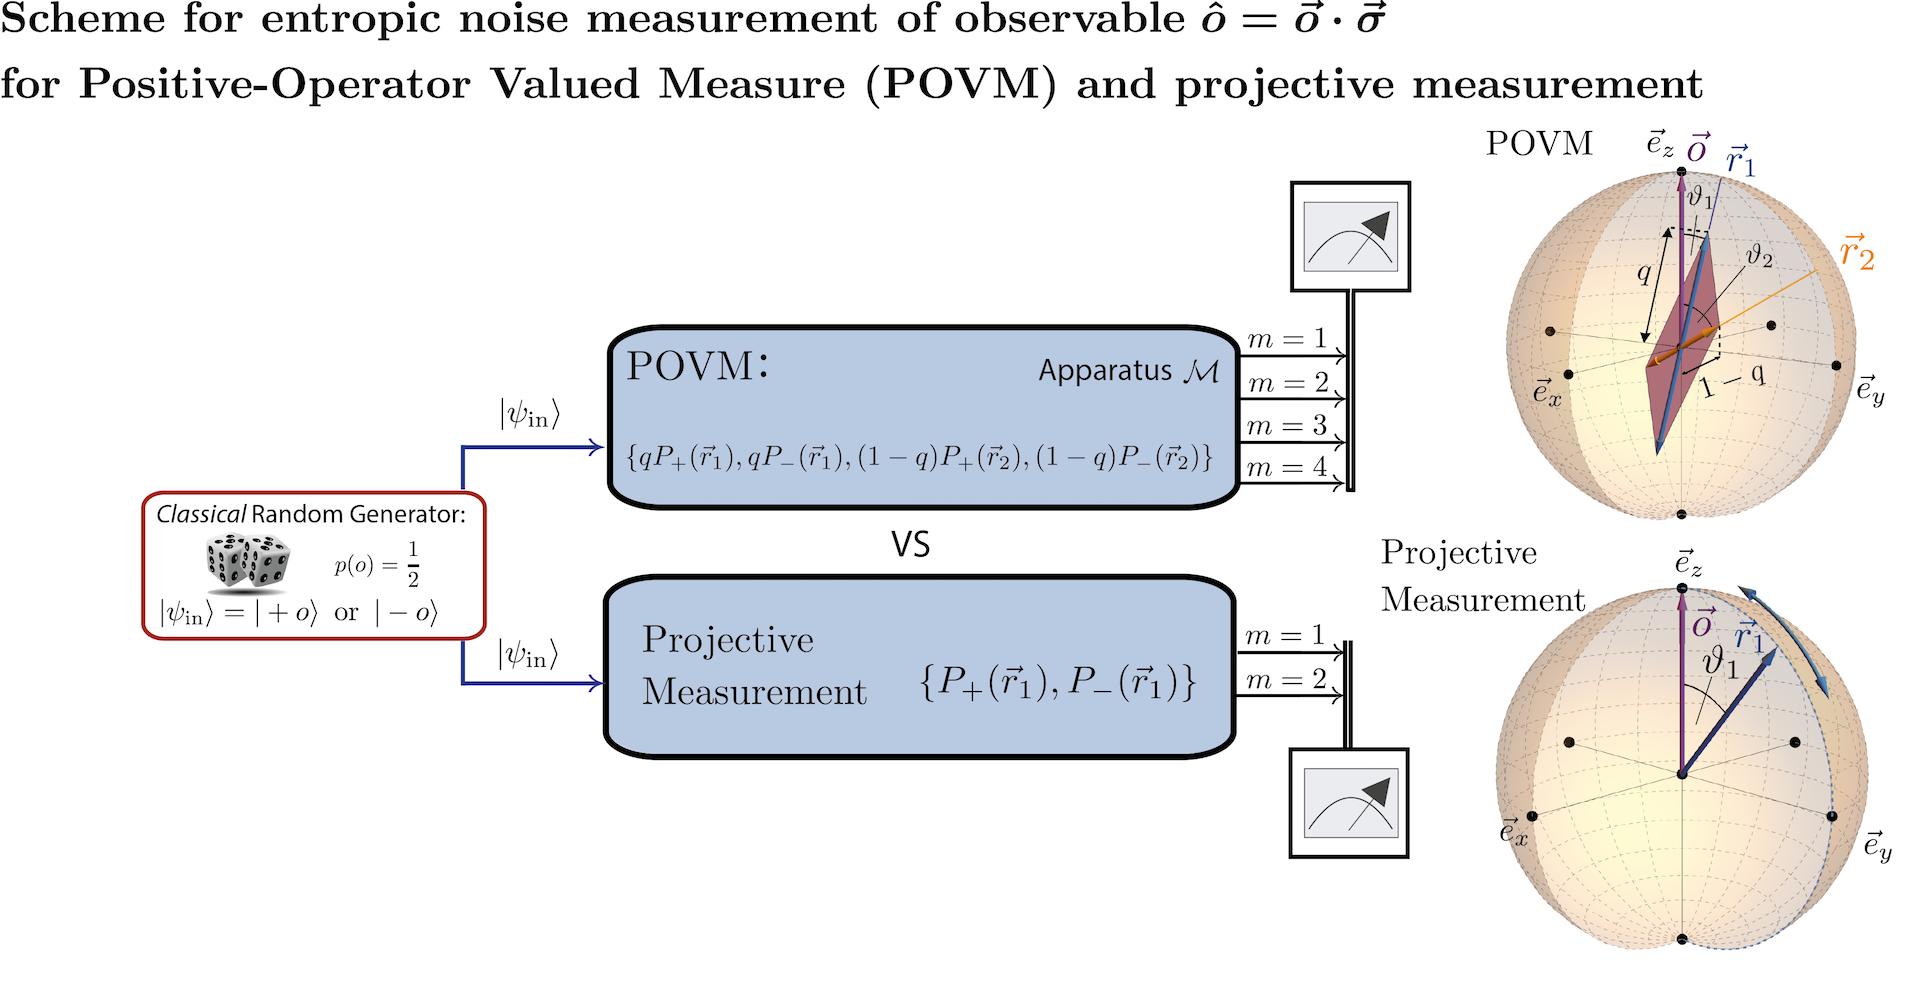 Niose_POVM_vs_Proj__Scheme